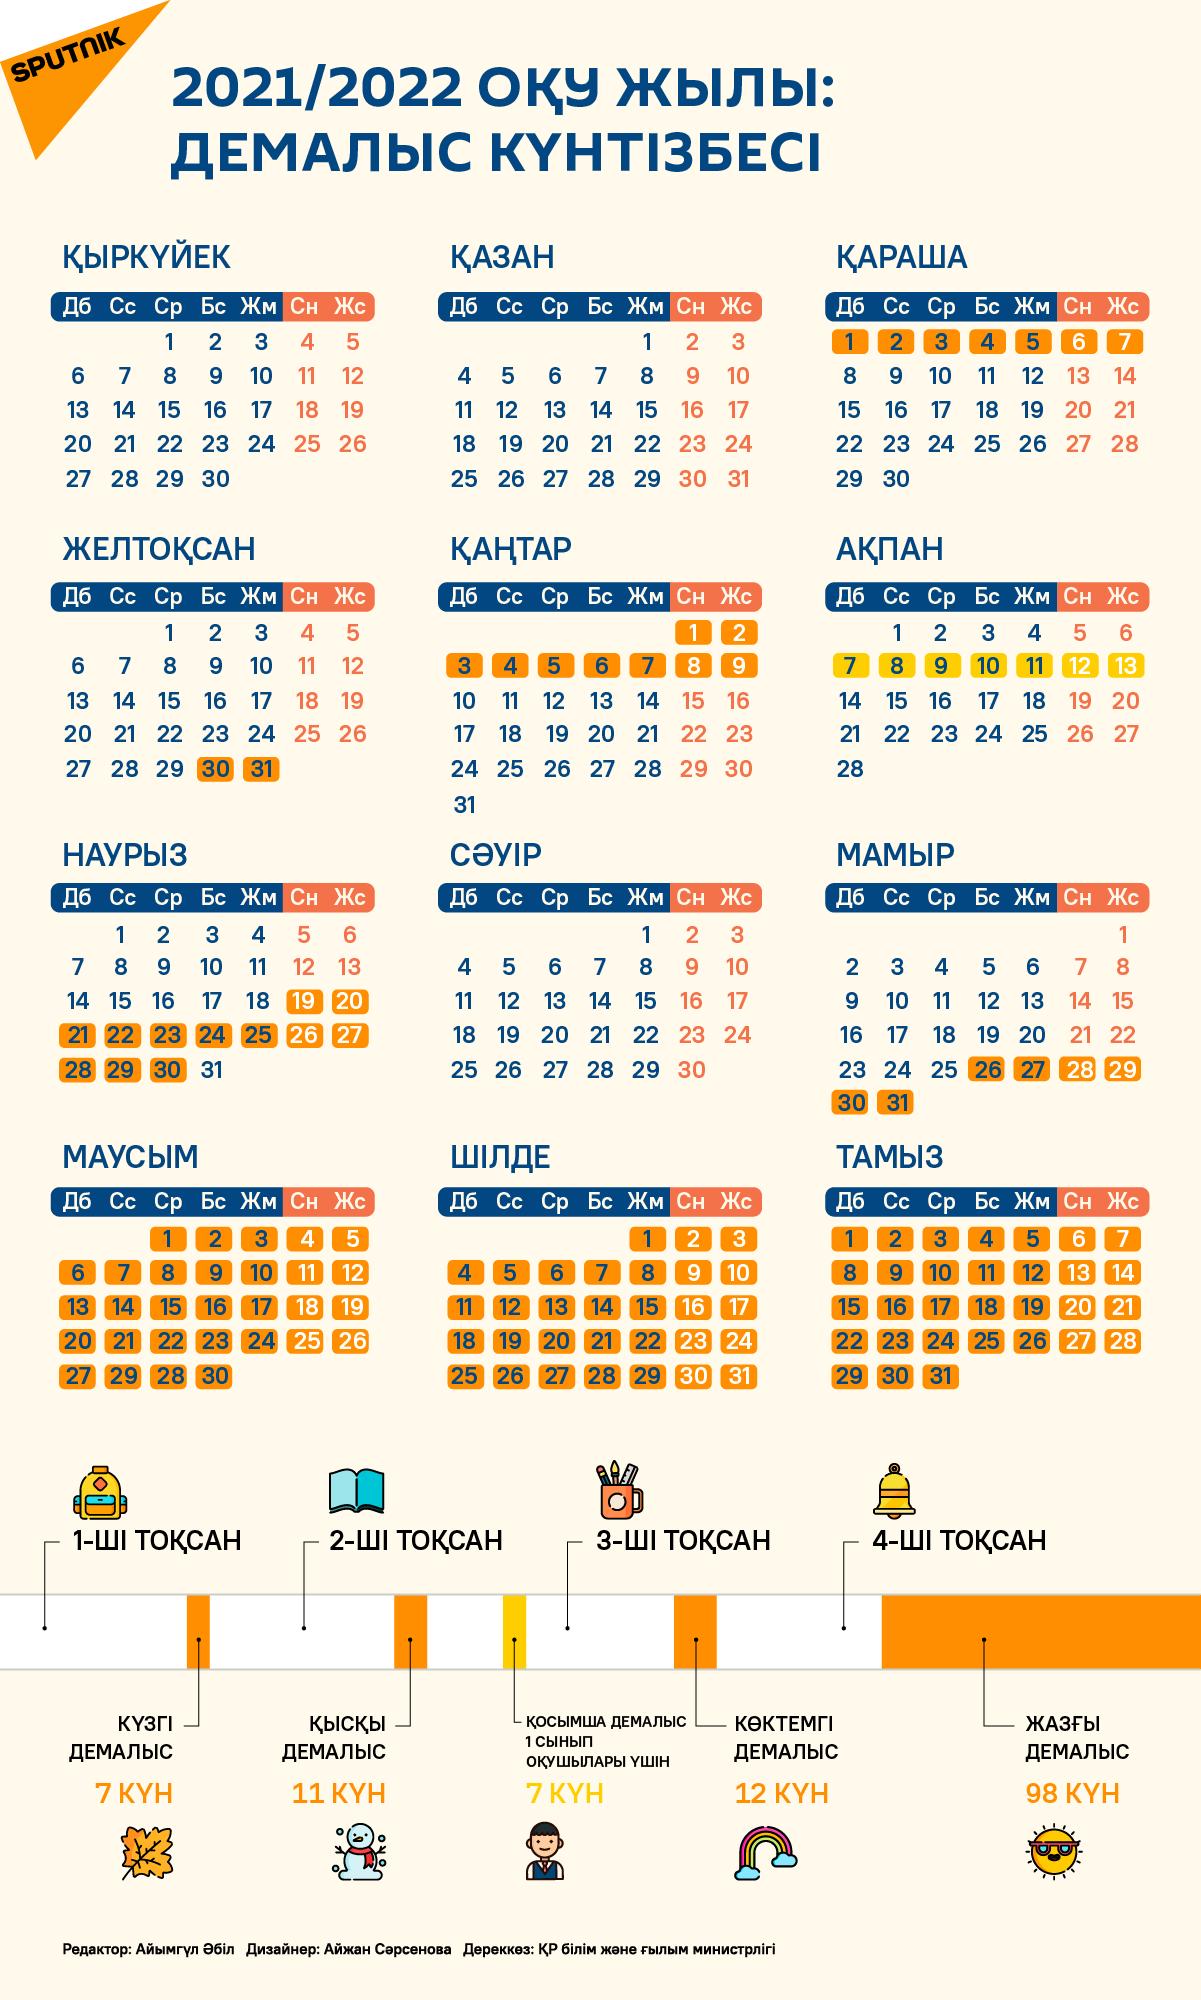 Каникул күнтізбесі 2021/2022